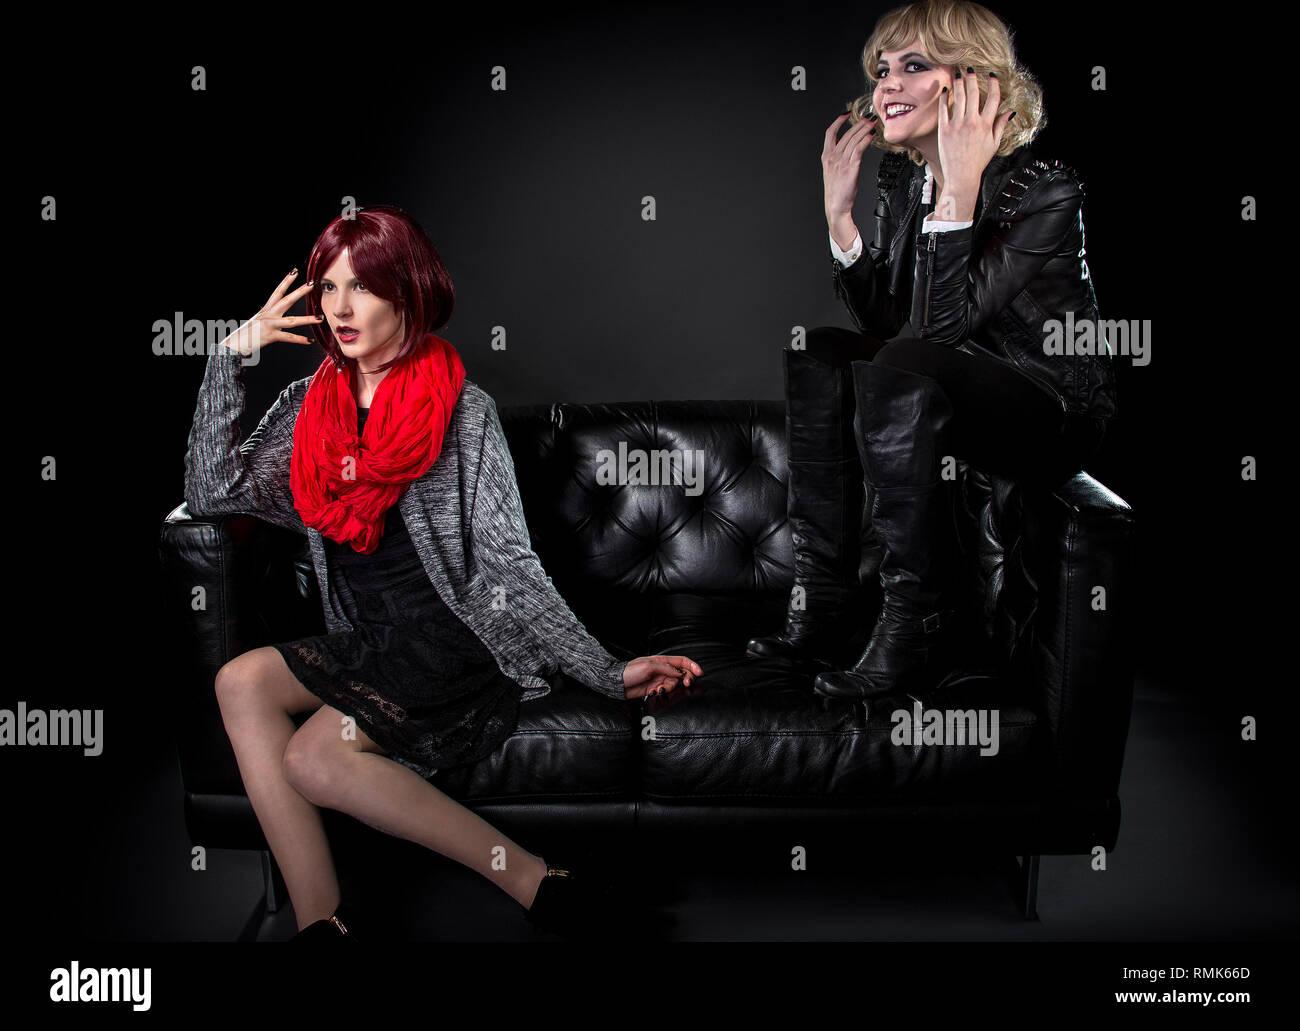 Bescheidene stil Frauen belästigt oder sich schämen, ihre jüngere Schwester Punk Mode Stockbild